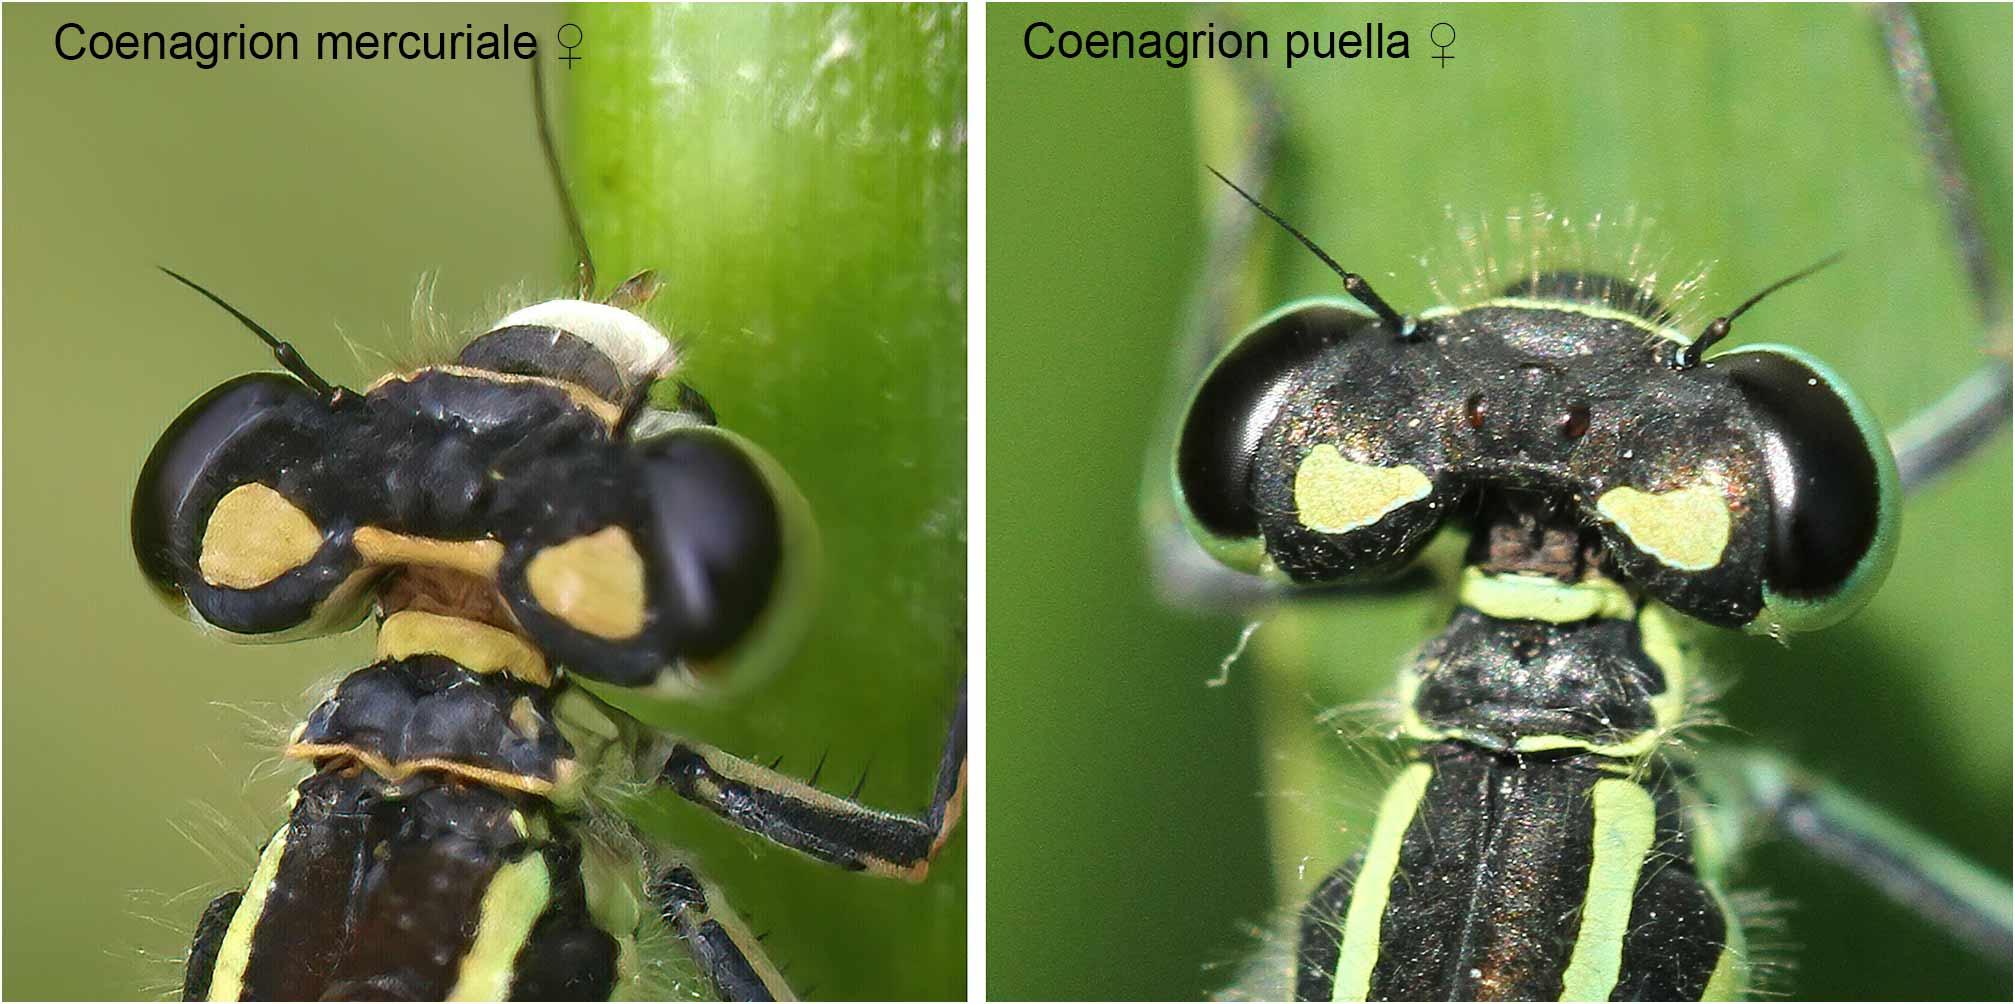 Comparaison des pronotum de C. mercuriale et C. puella